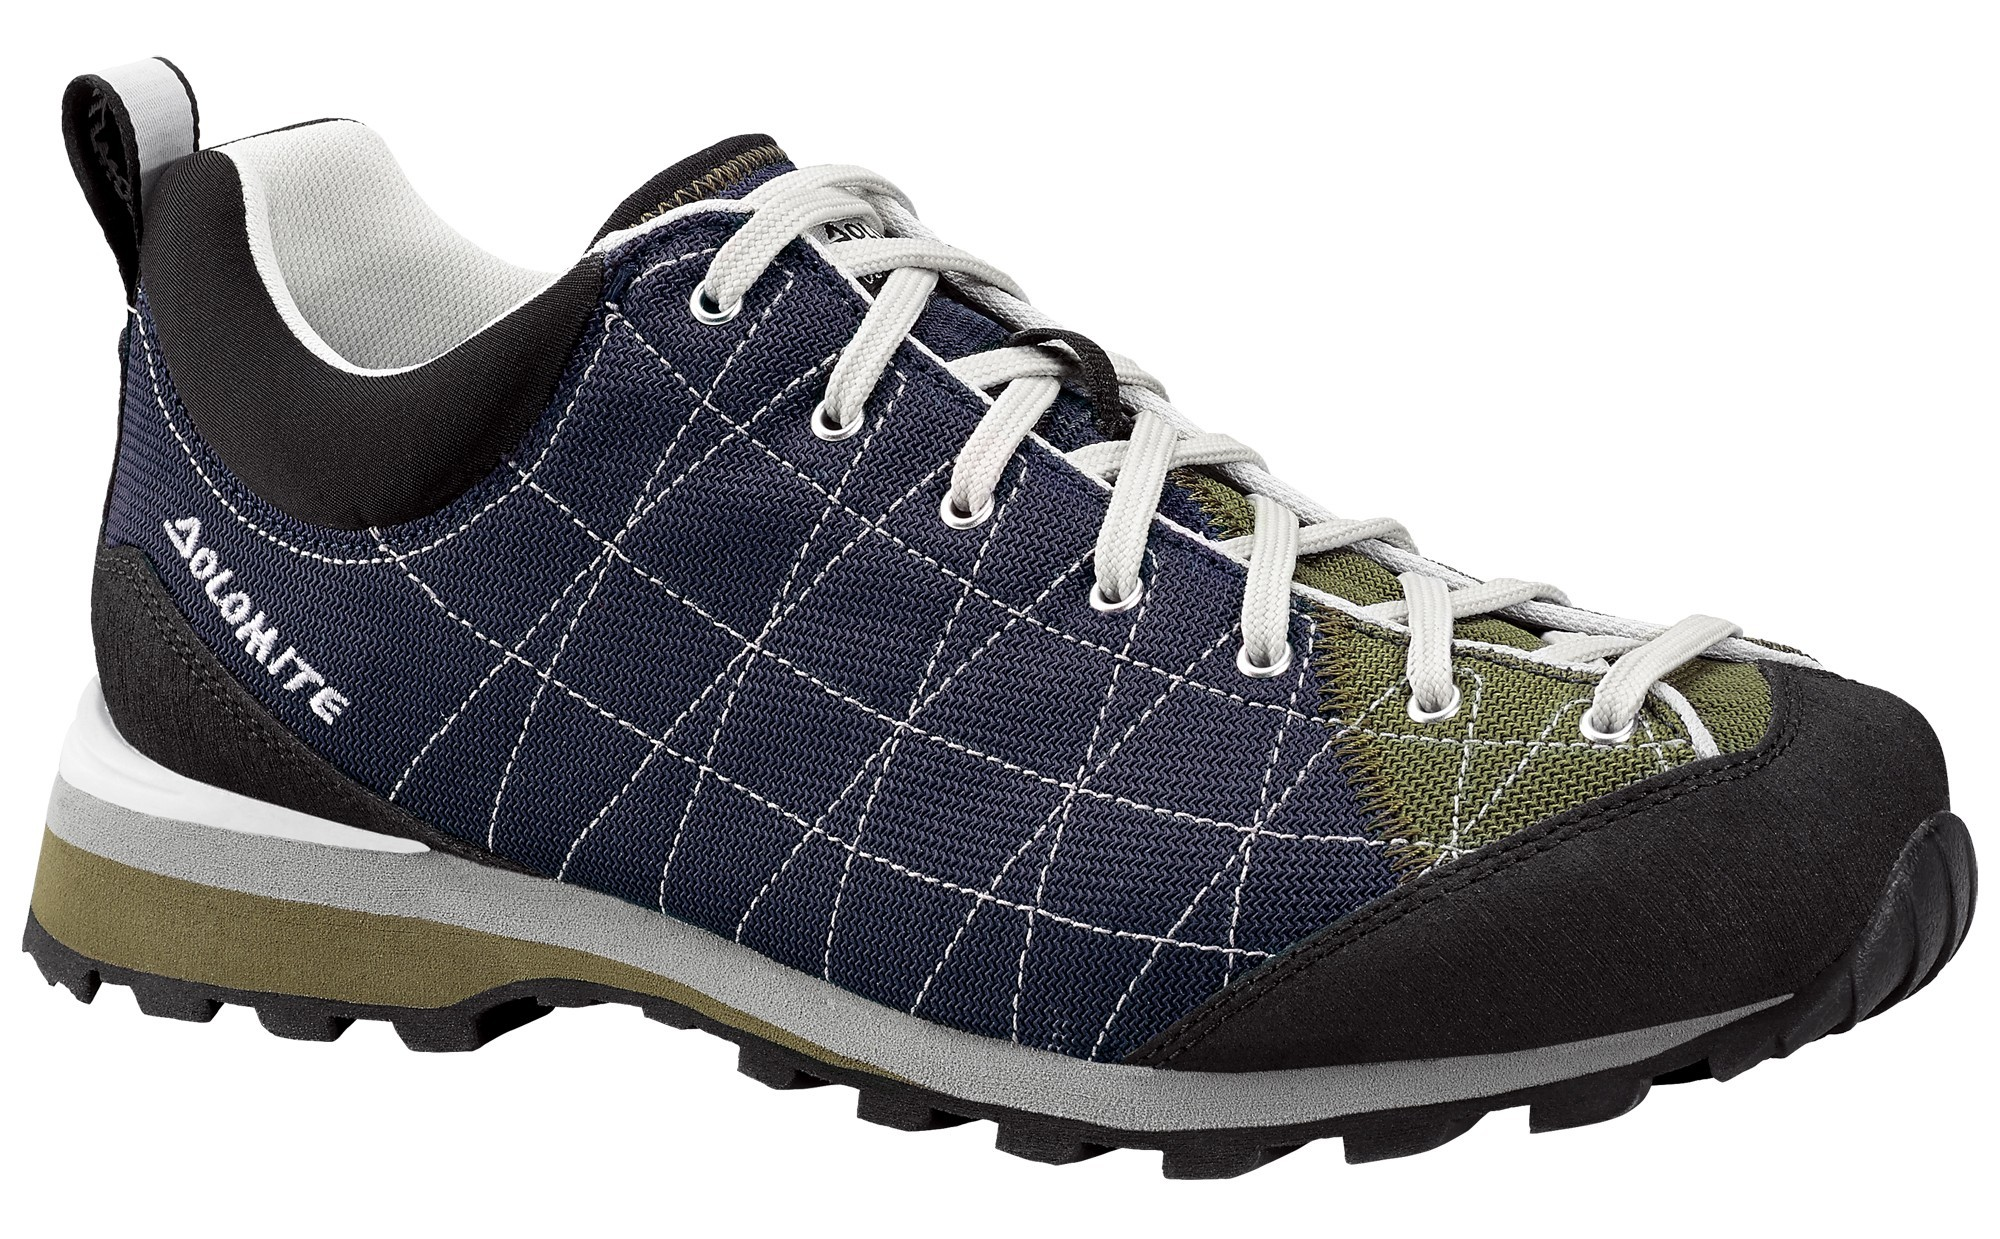 Ботинки для хайкинга (высокие) Dolomite 2017-18 Diagonal Lite Blue Navy/Army Green Треккинговая обувь 1331791  - купить со скидкой